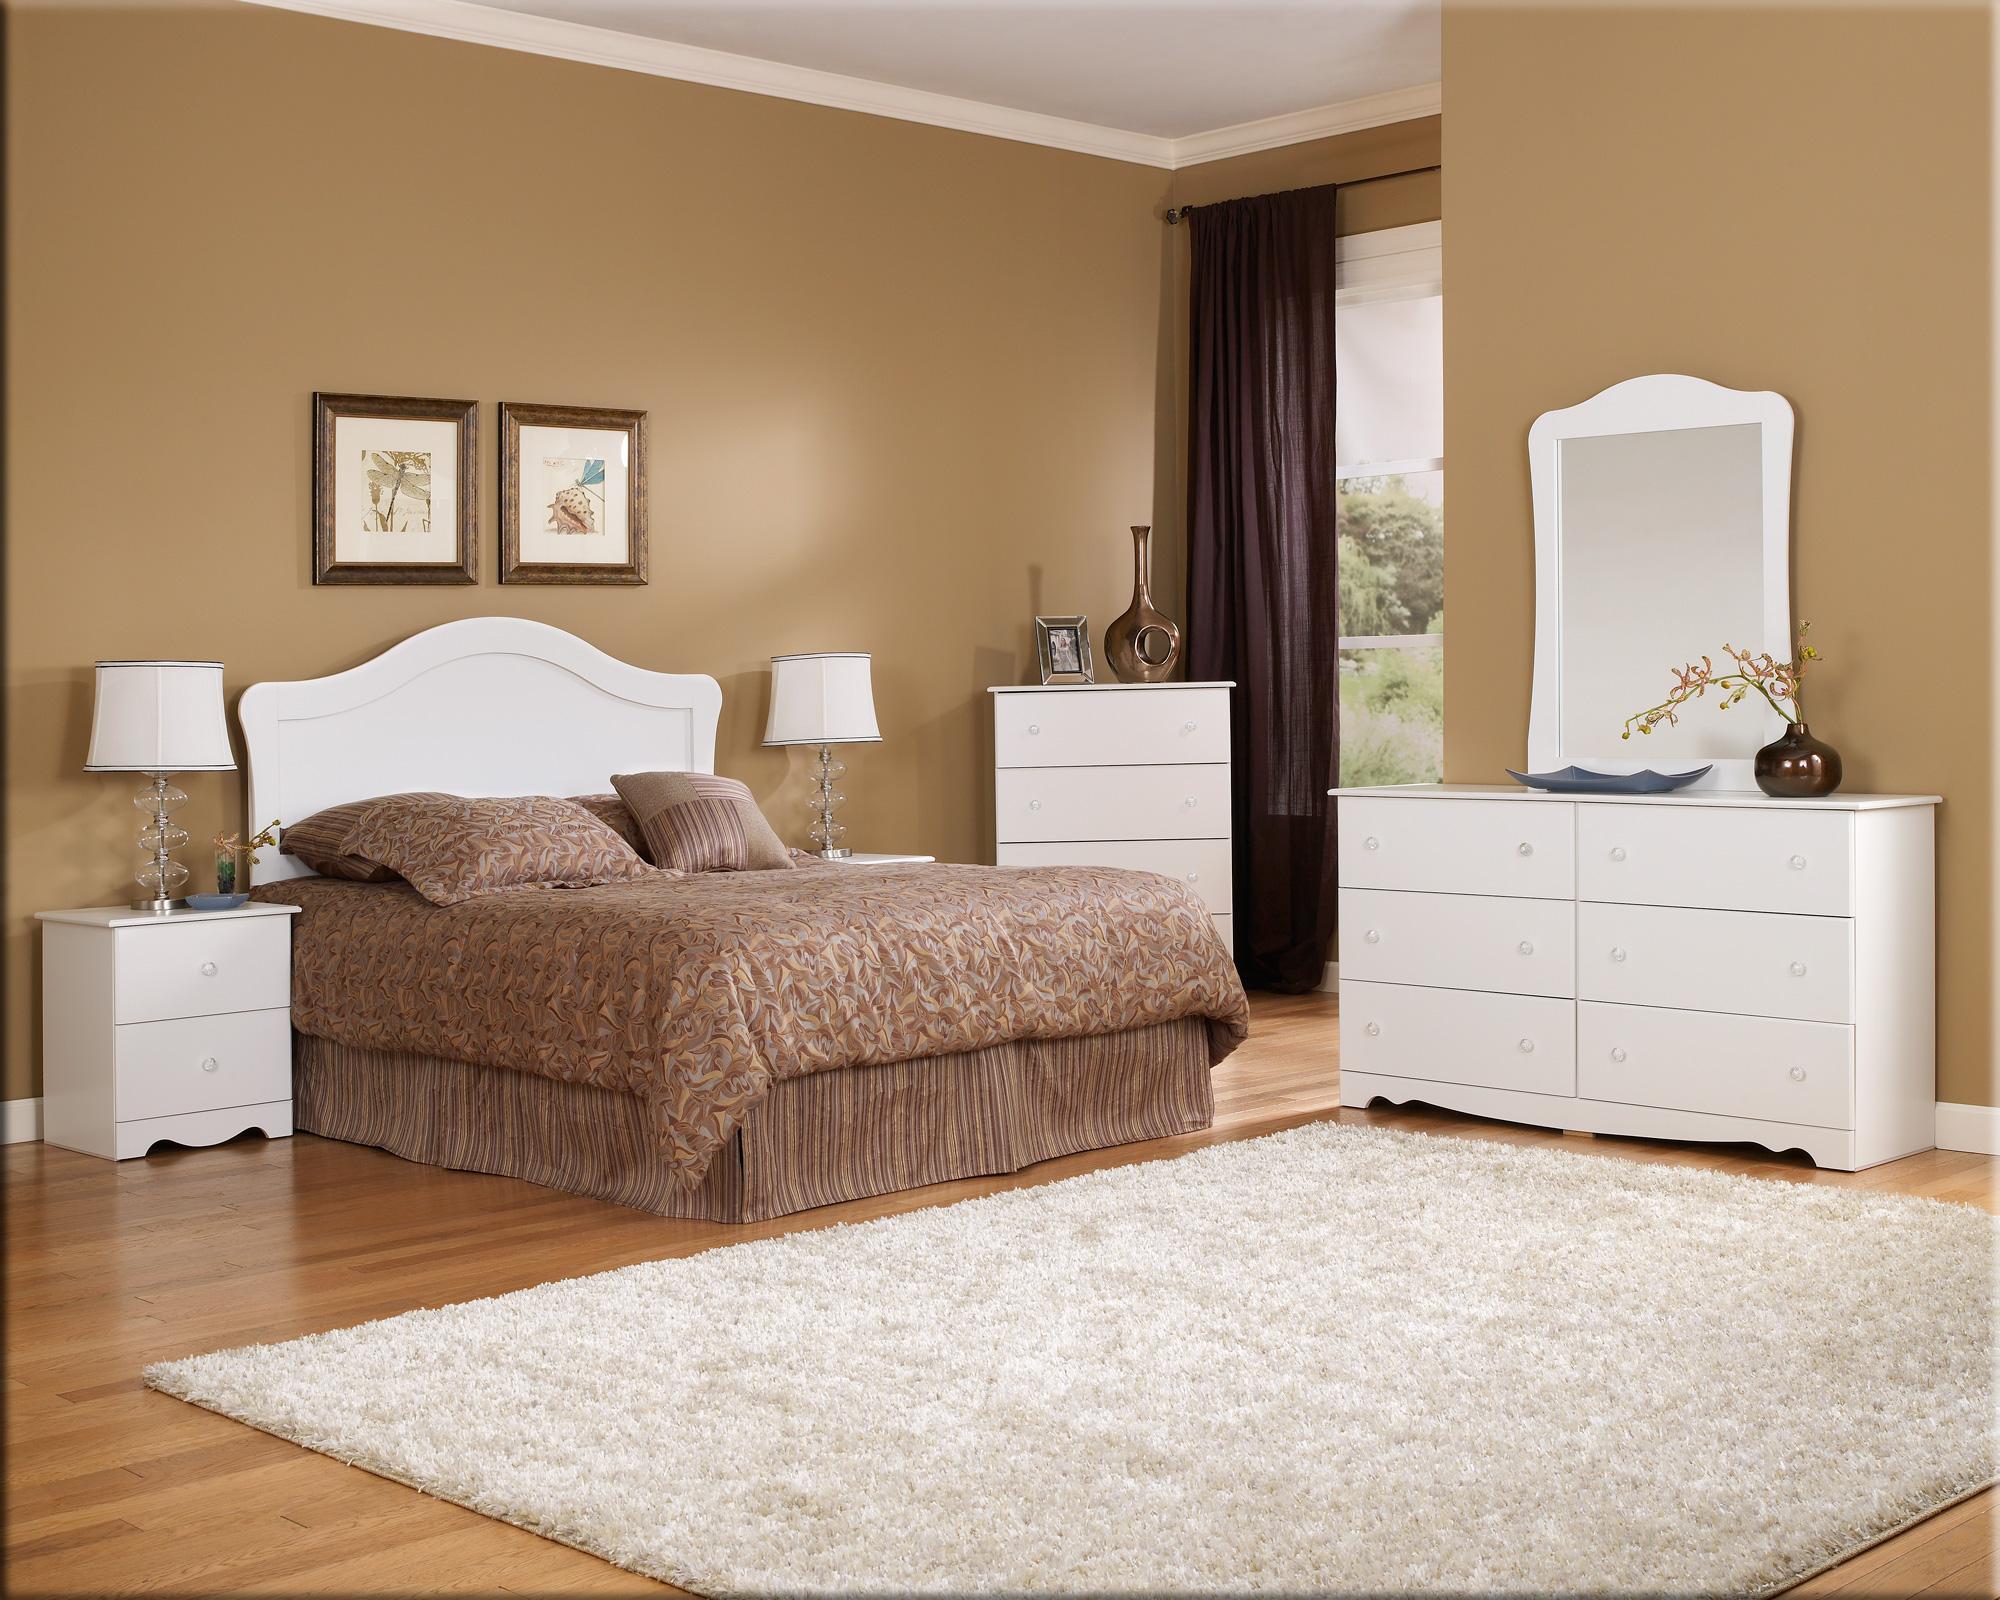 Bedroom madison furniture direct for Bedroom furniture direct